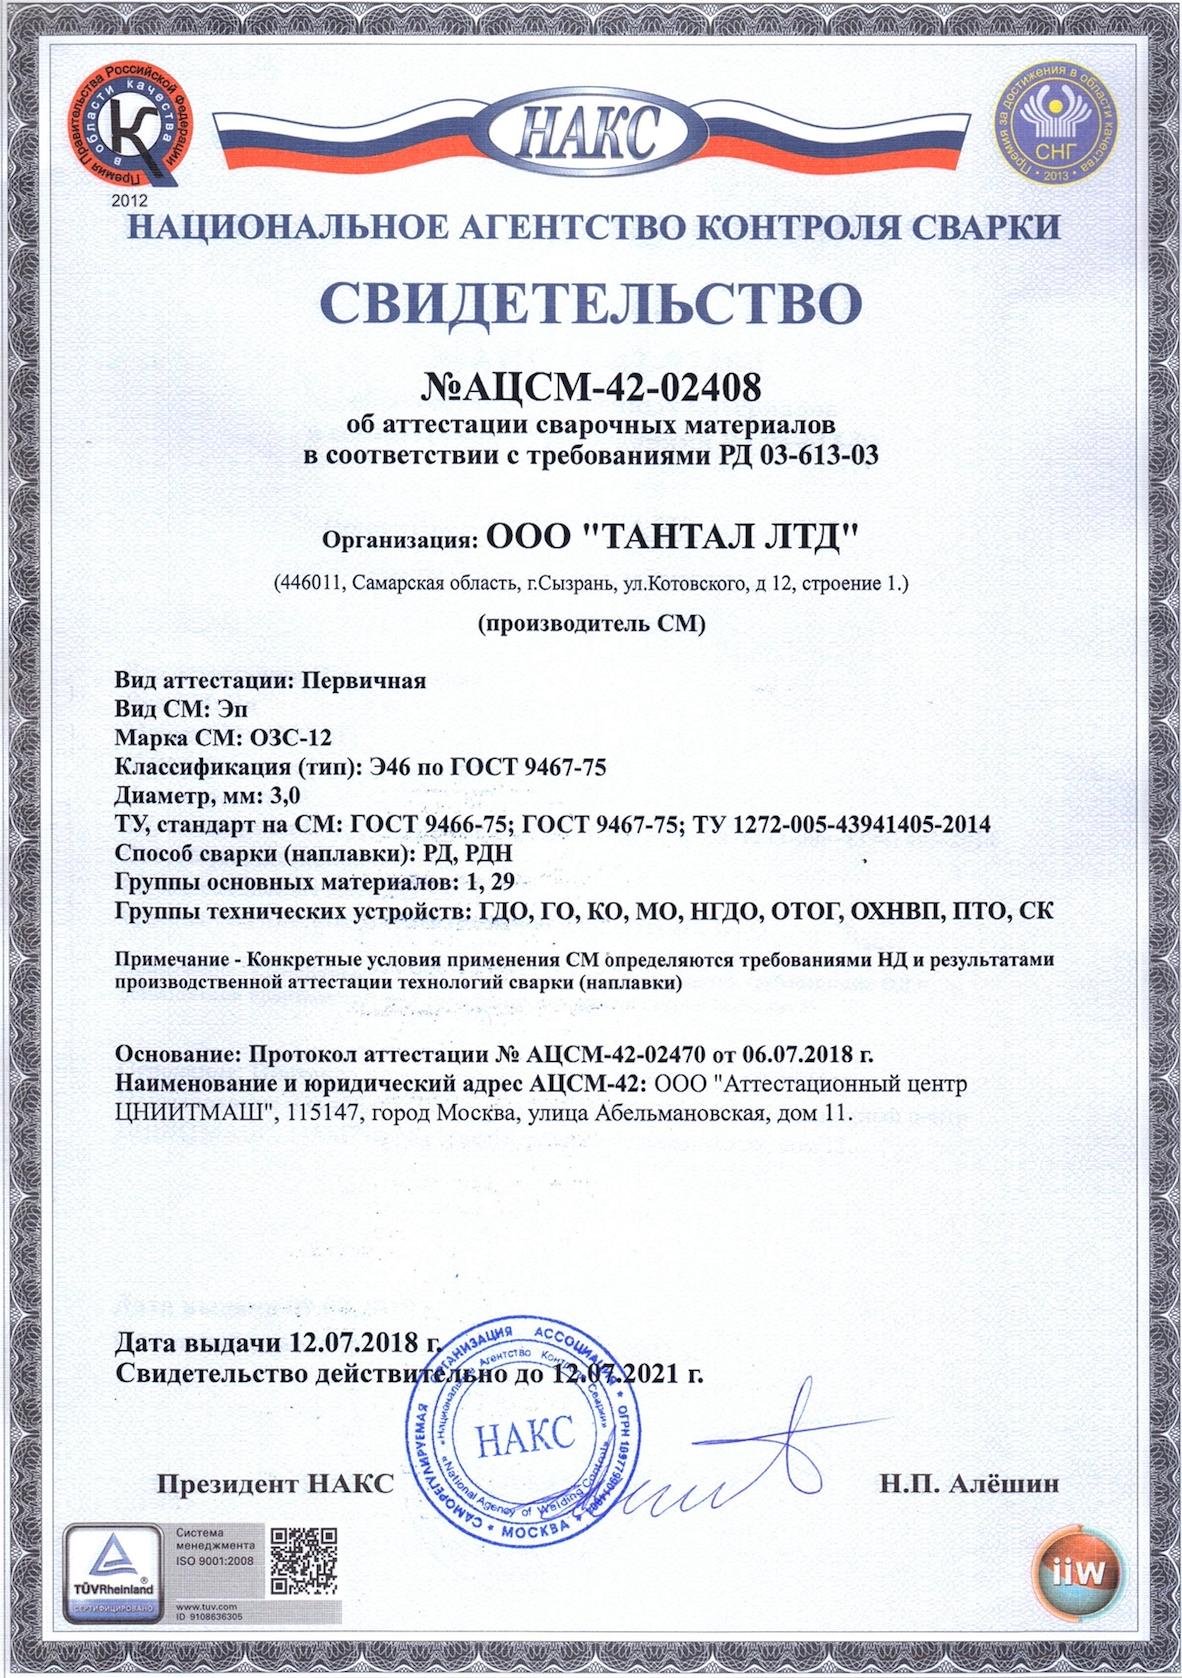 Свидетельство НАКС ОЗС-12 (3мм)